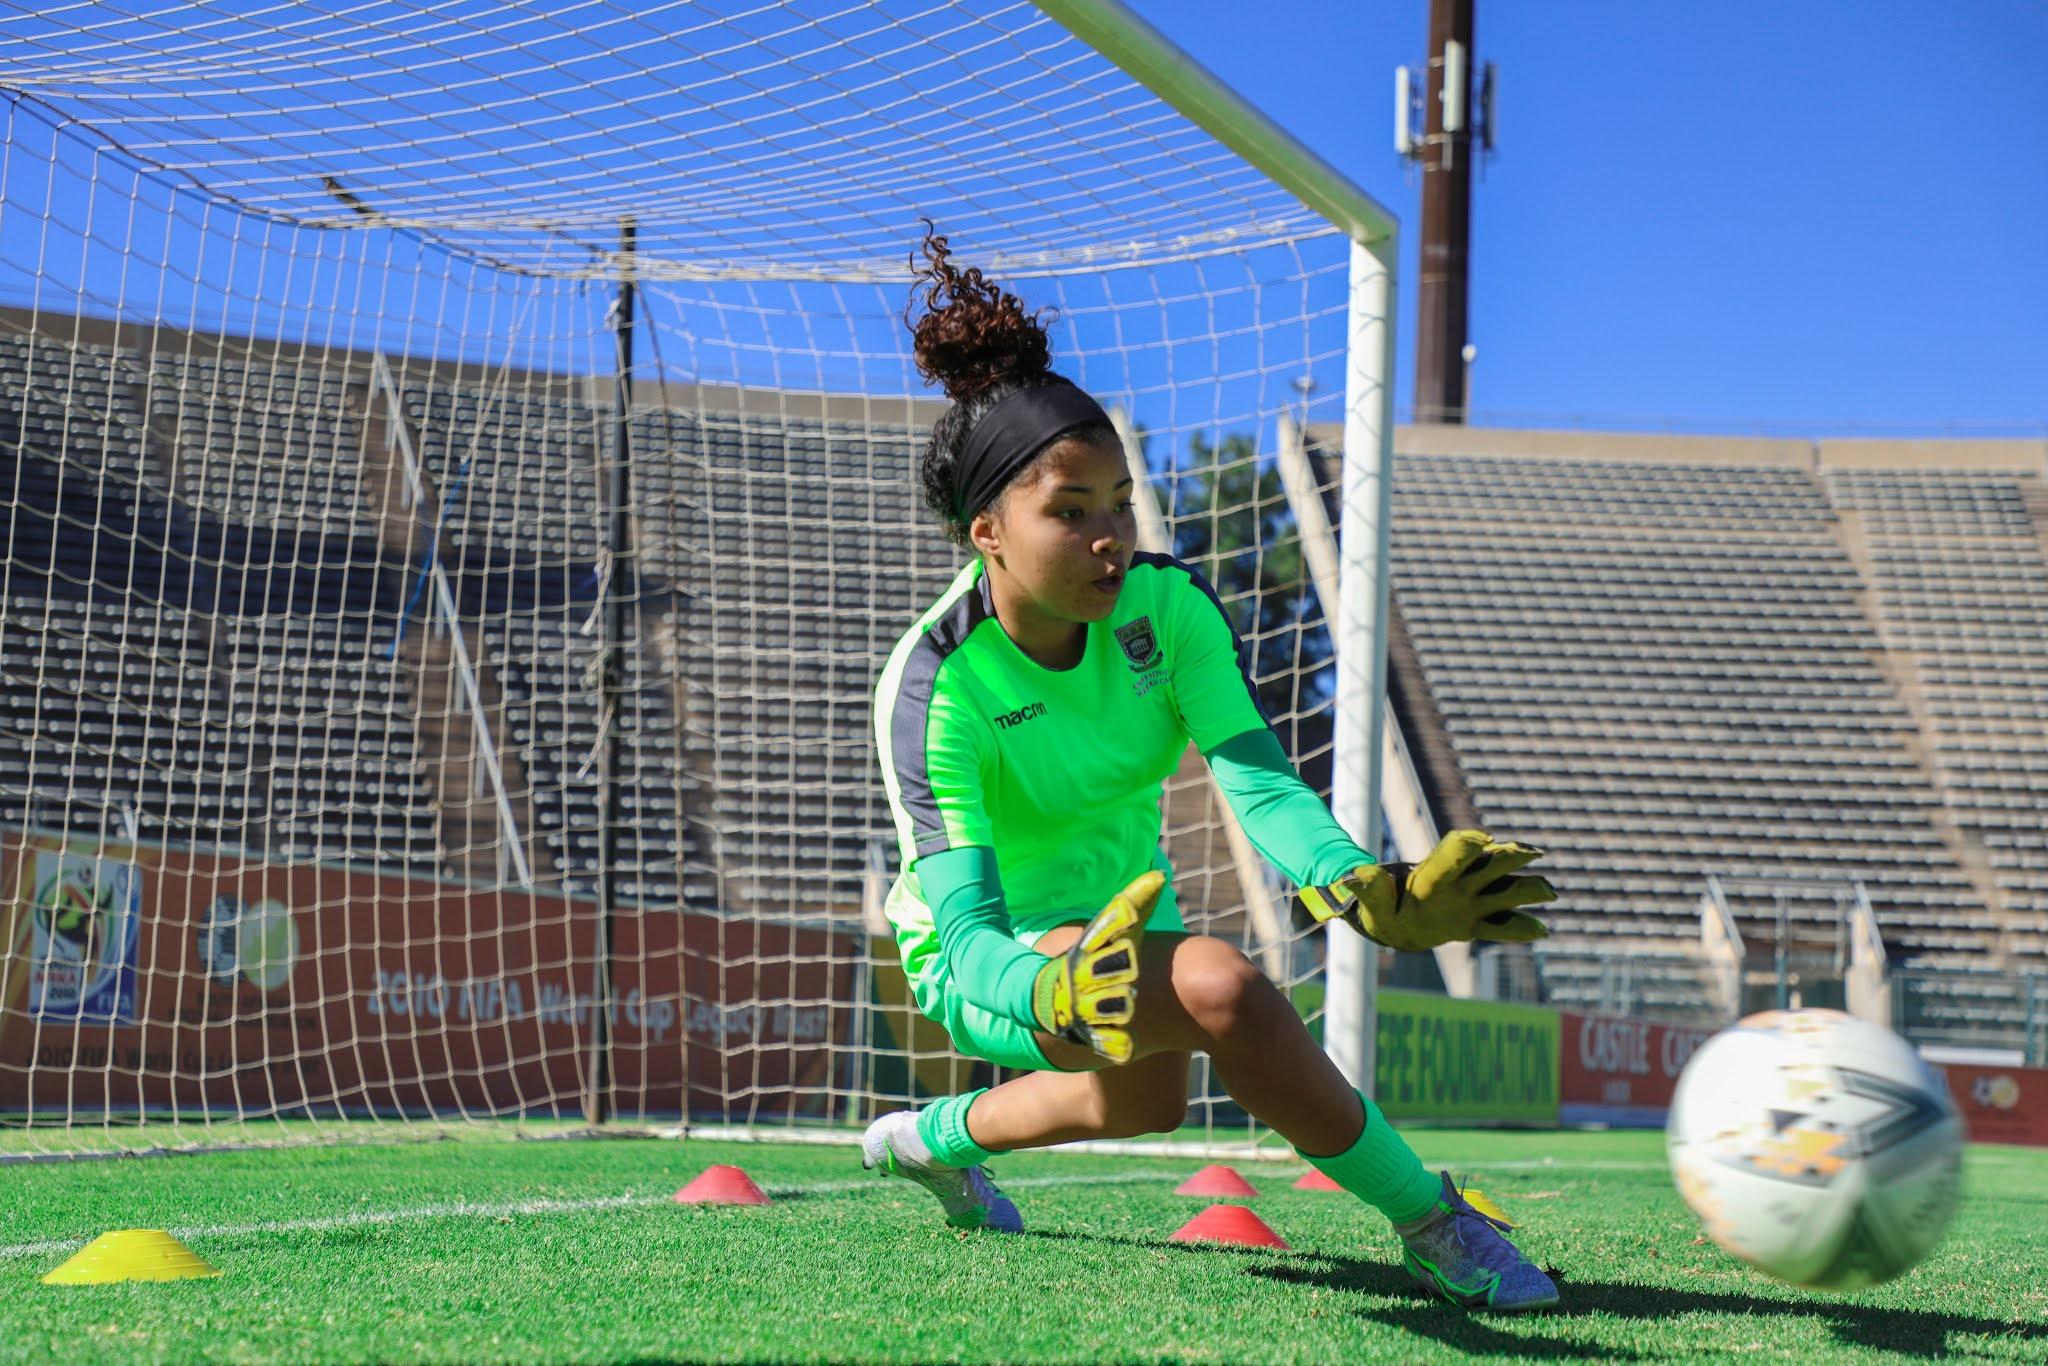 UWC goalkeeper Kay-Dee Windvogel kept a clean sheet on debut against Golden Ladies